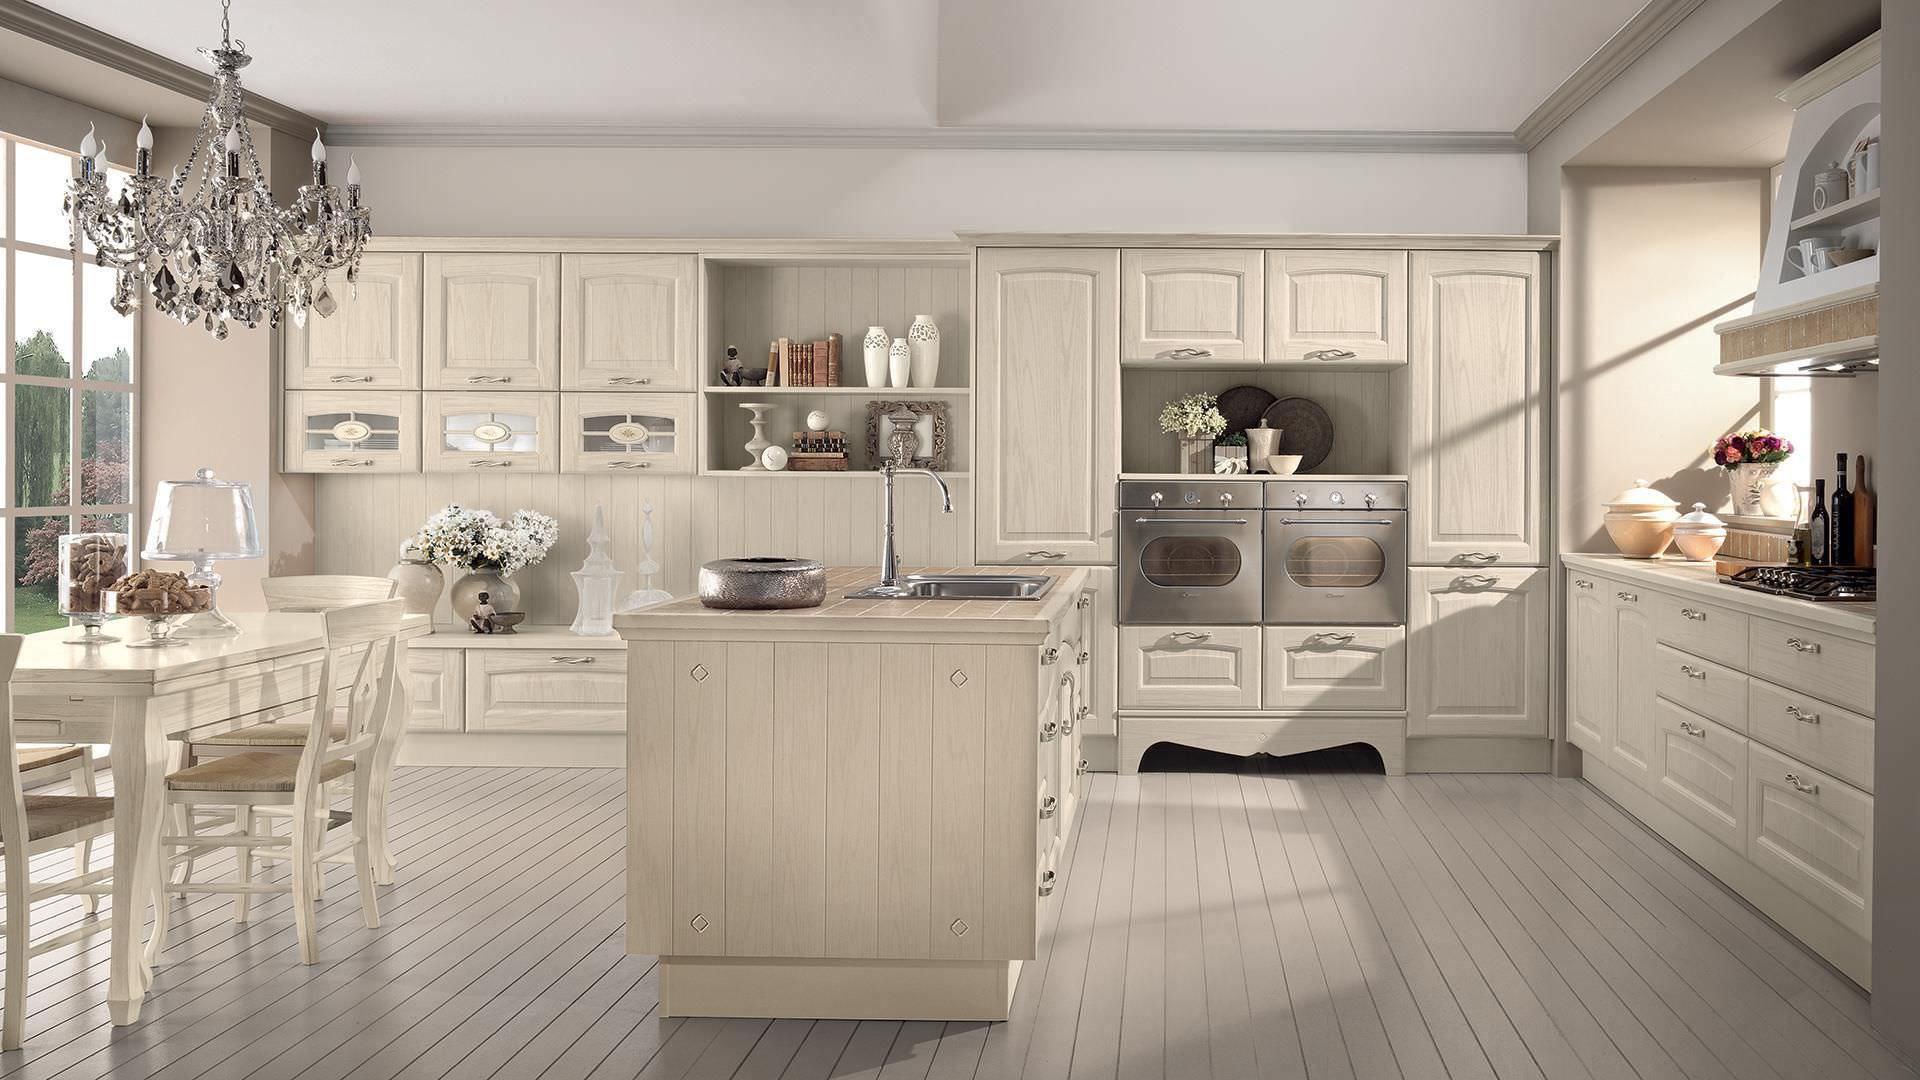 Cucina classica / in legno massiccio / con isola - VERONICA ...